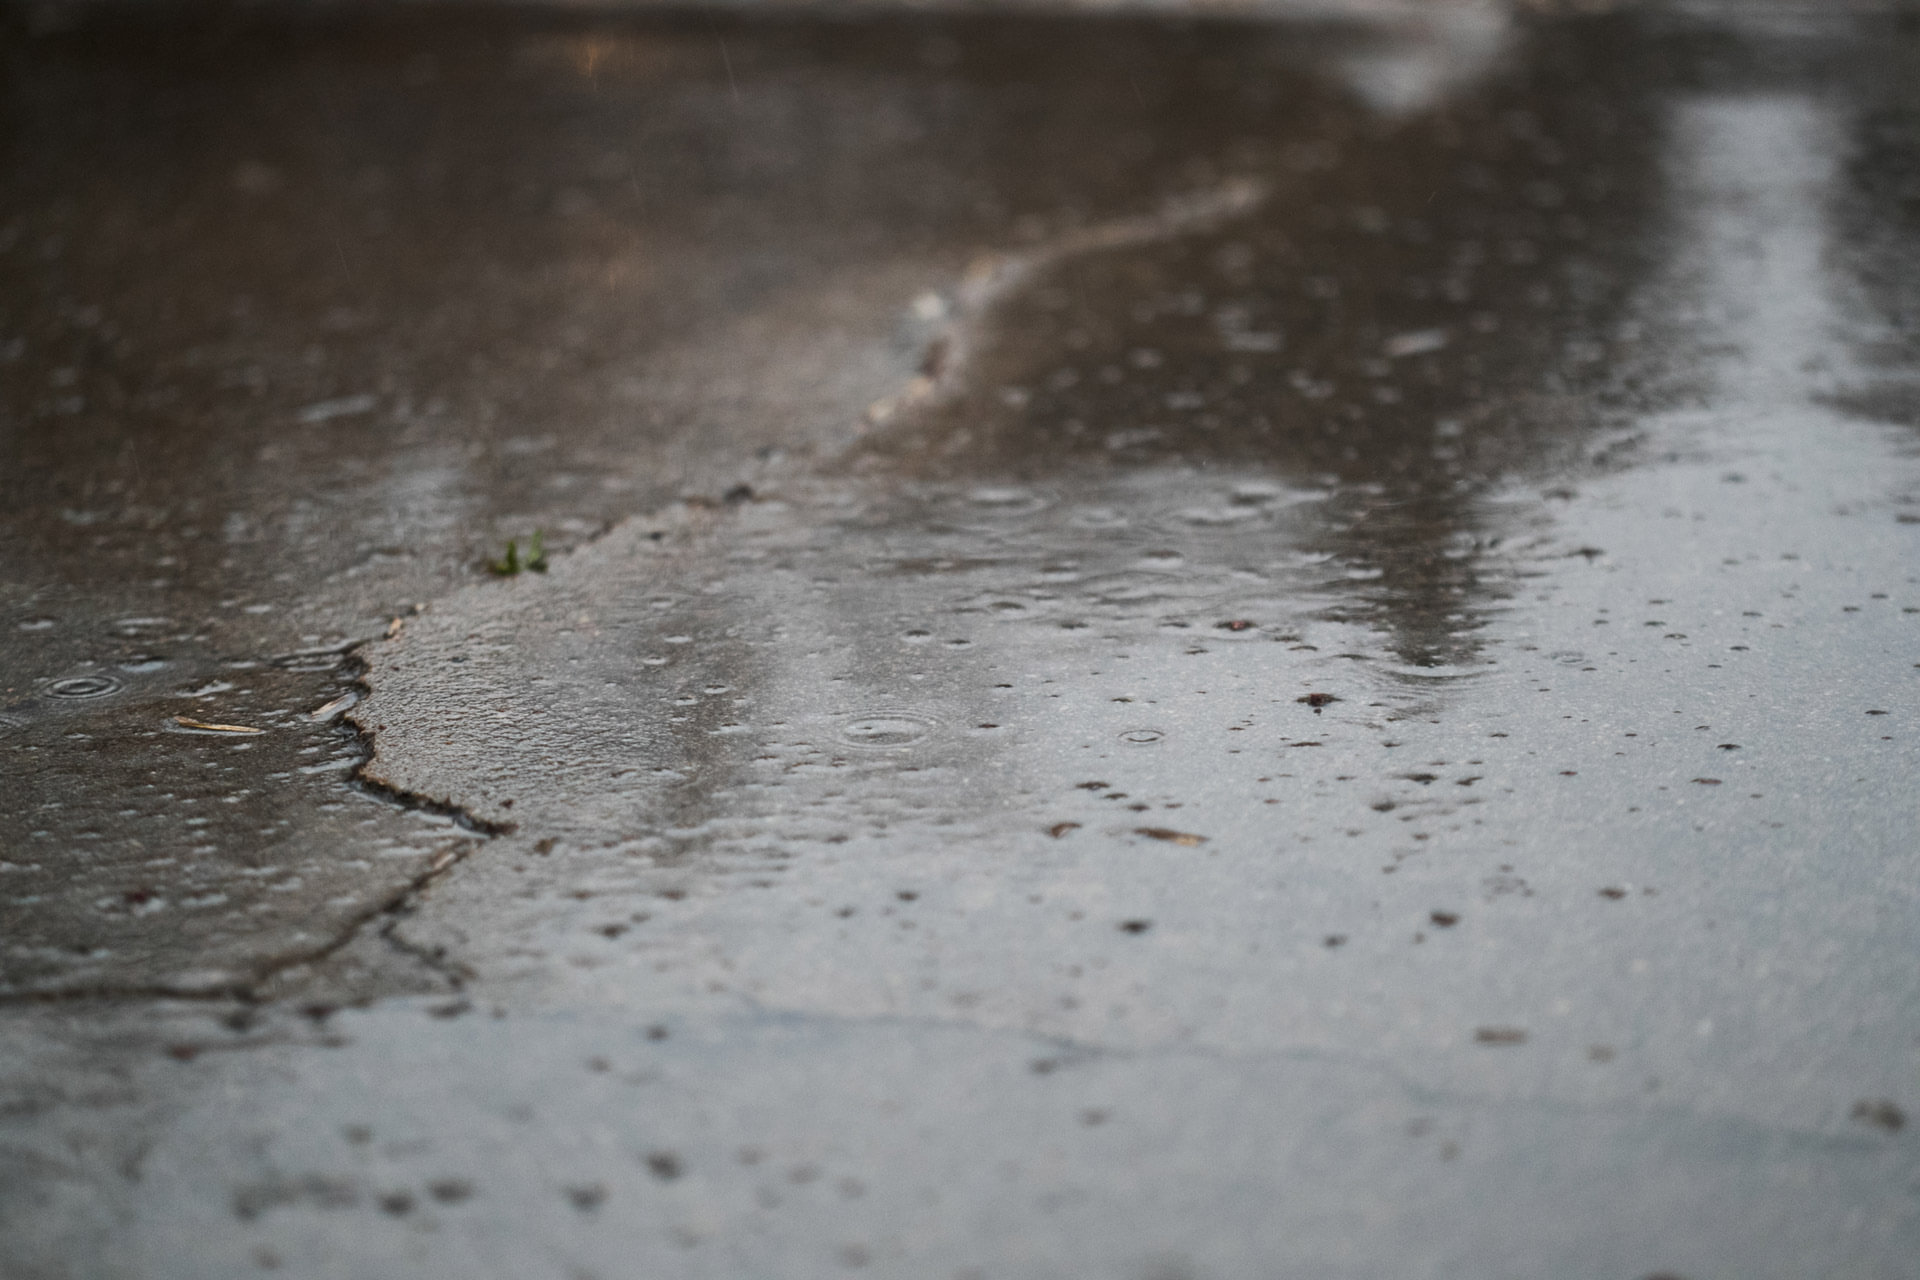 Cracked wet concrete